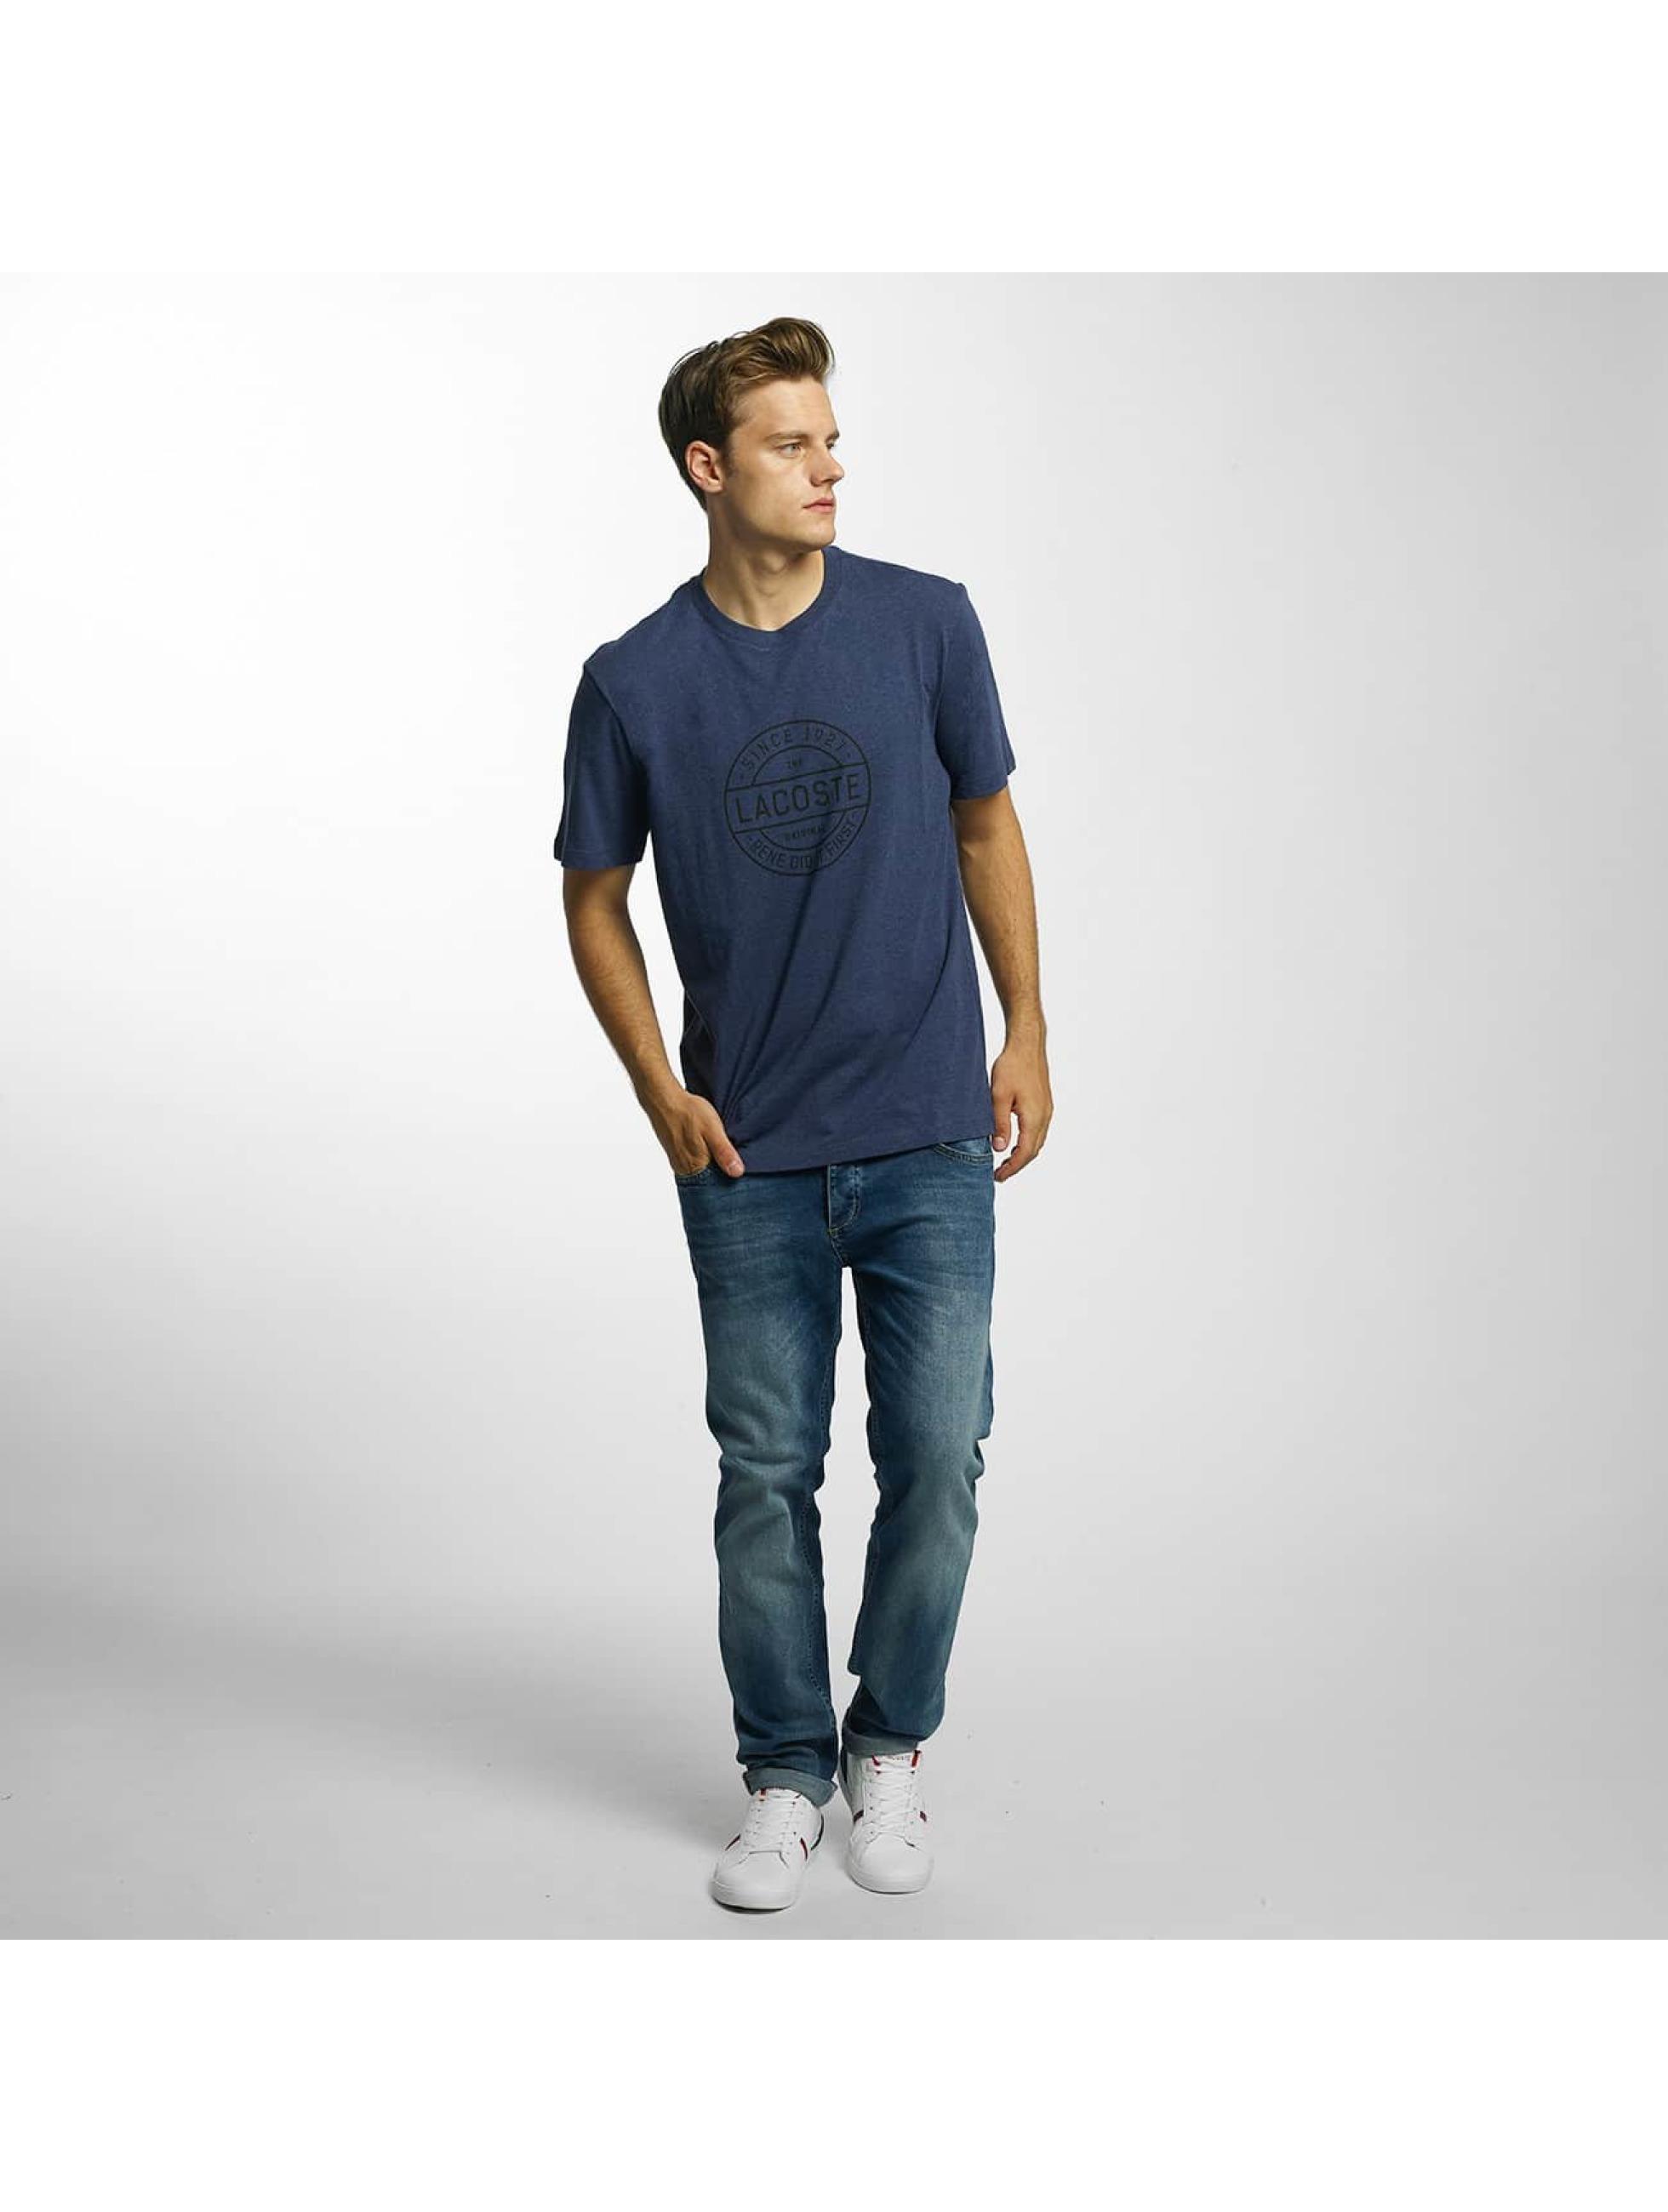 Lacoste T-Shirt Original blue